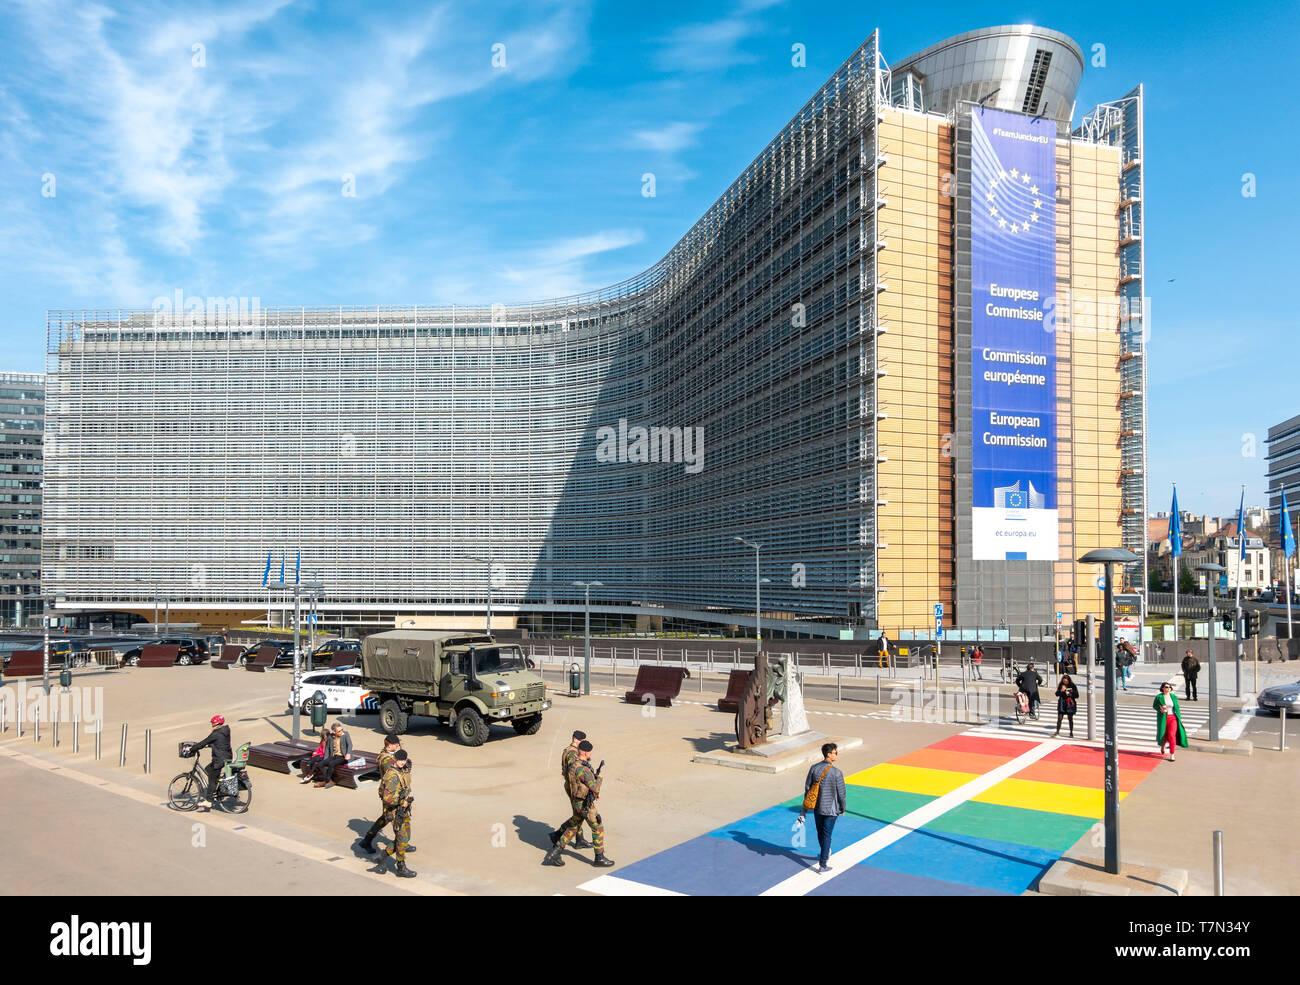 Brüssel Berlaymont Gebäude. Sitz der Europäischen Kommission, EG, die Exekutive der Europäischen Union, EU. Brussel Bruxelles Belgien Europa Stockbild